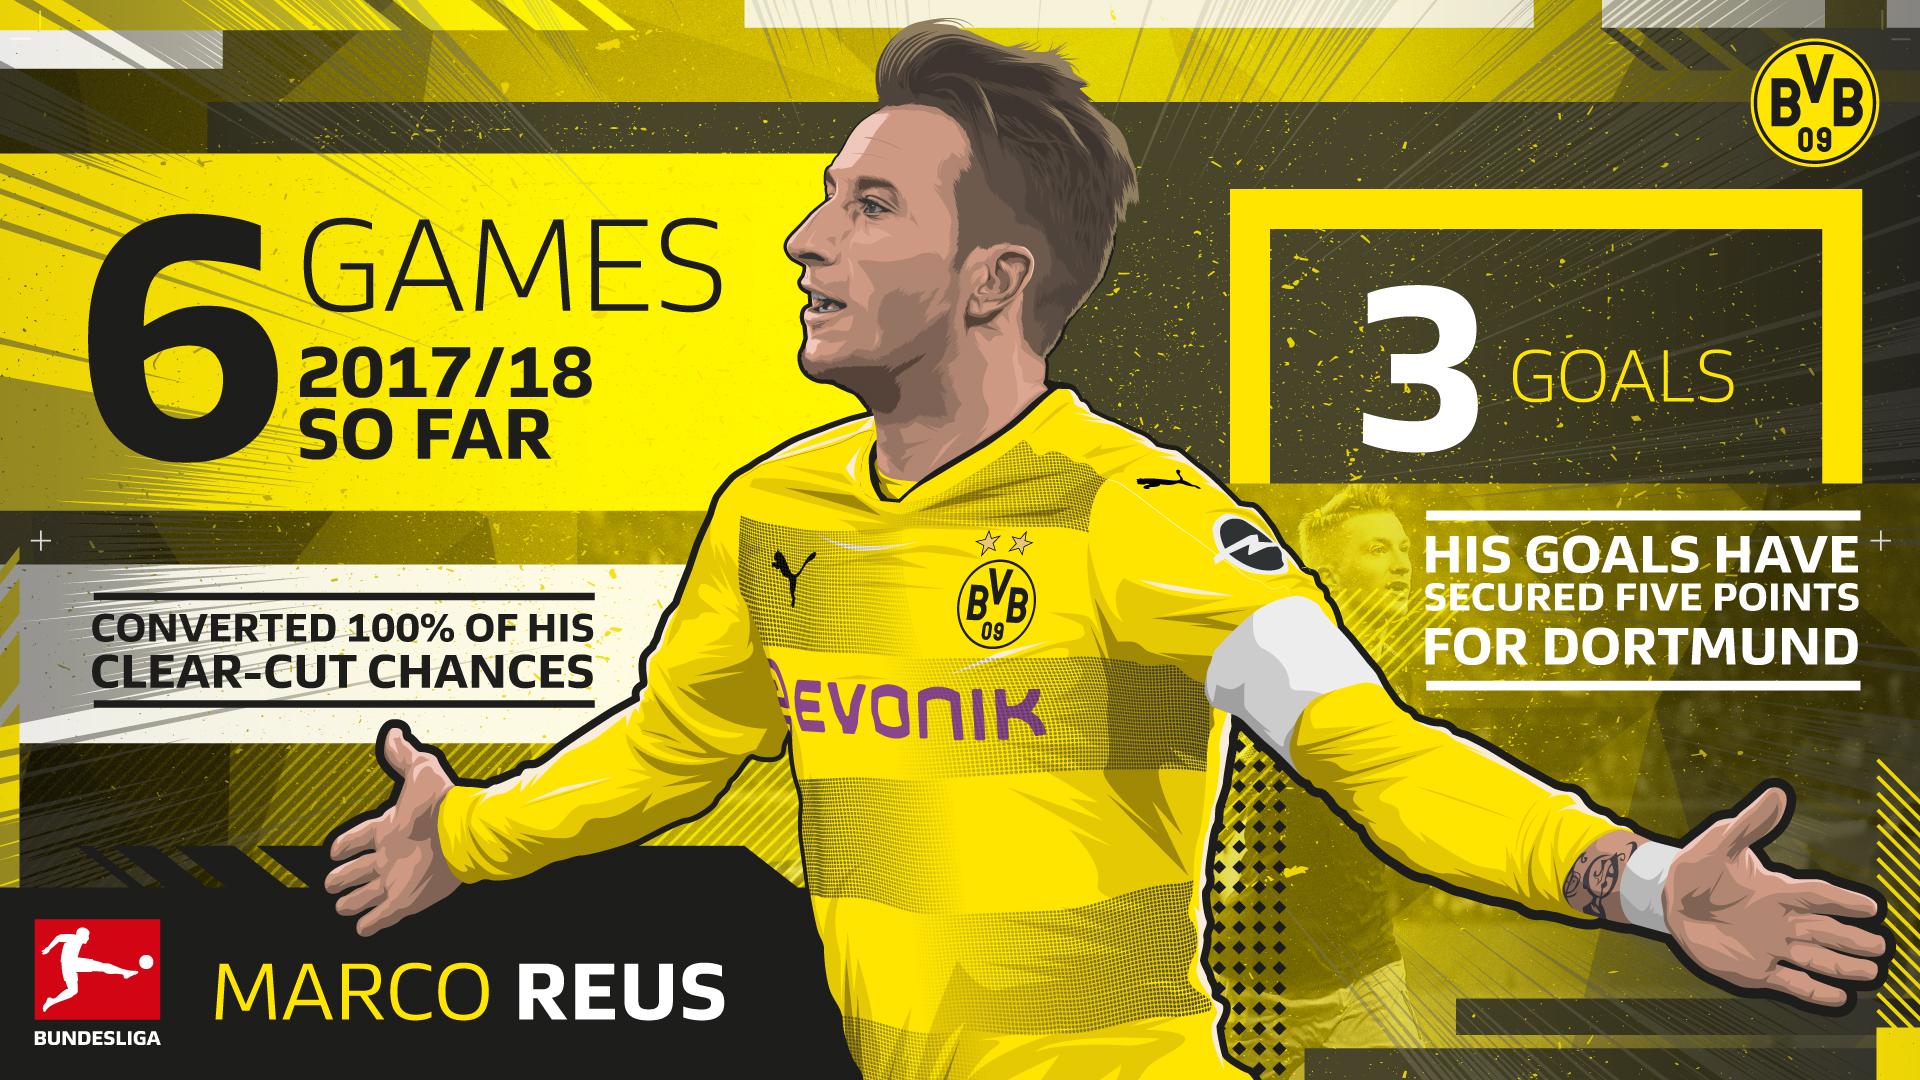 Reus-stats-1920x1080